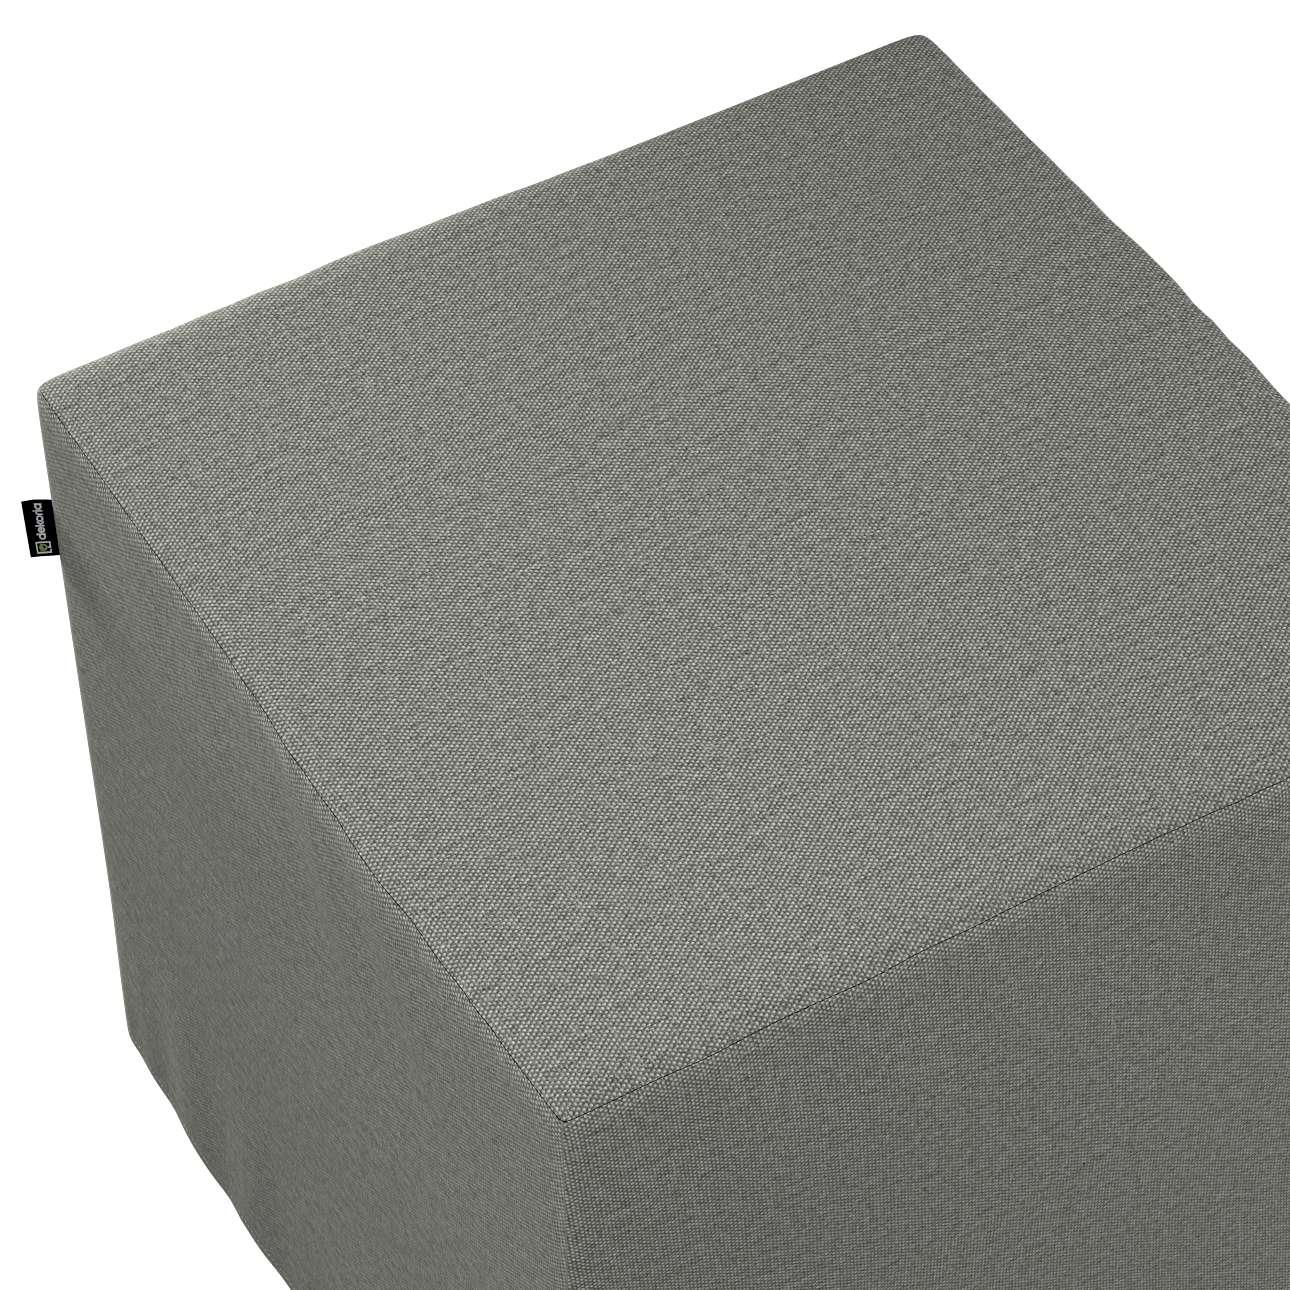 Pokrowiec na pufę kostkę w kolekcji Etna, tkanina: 161-25